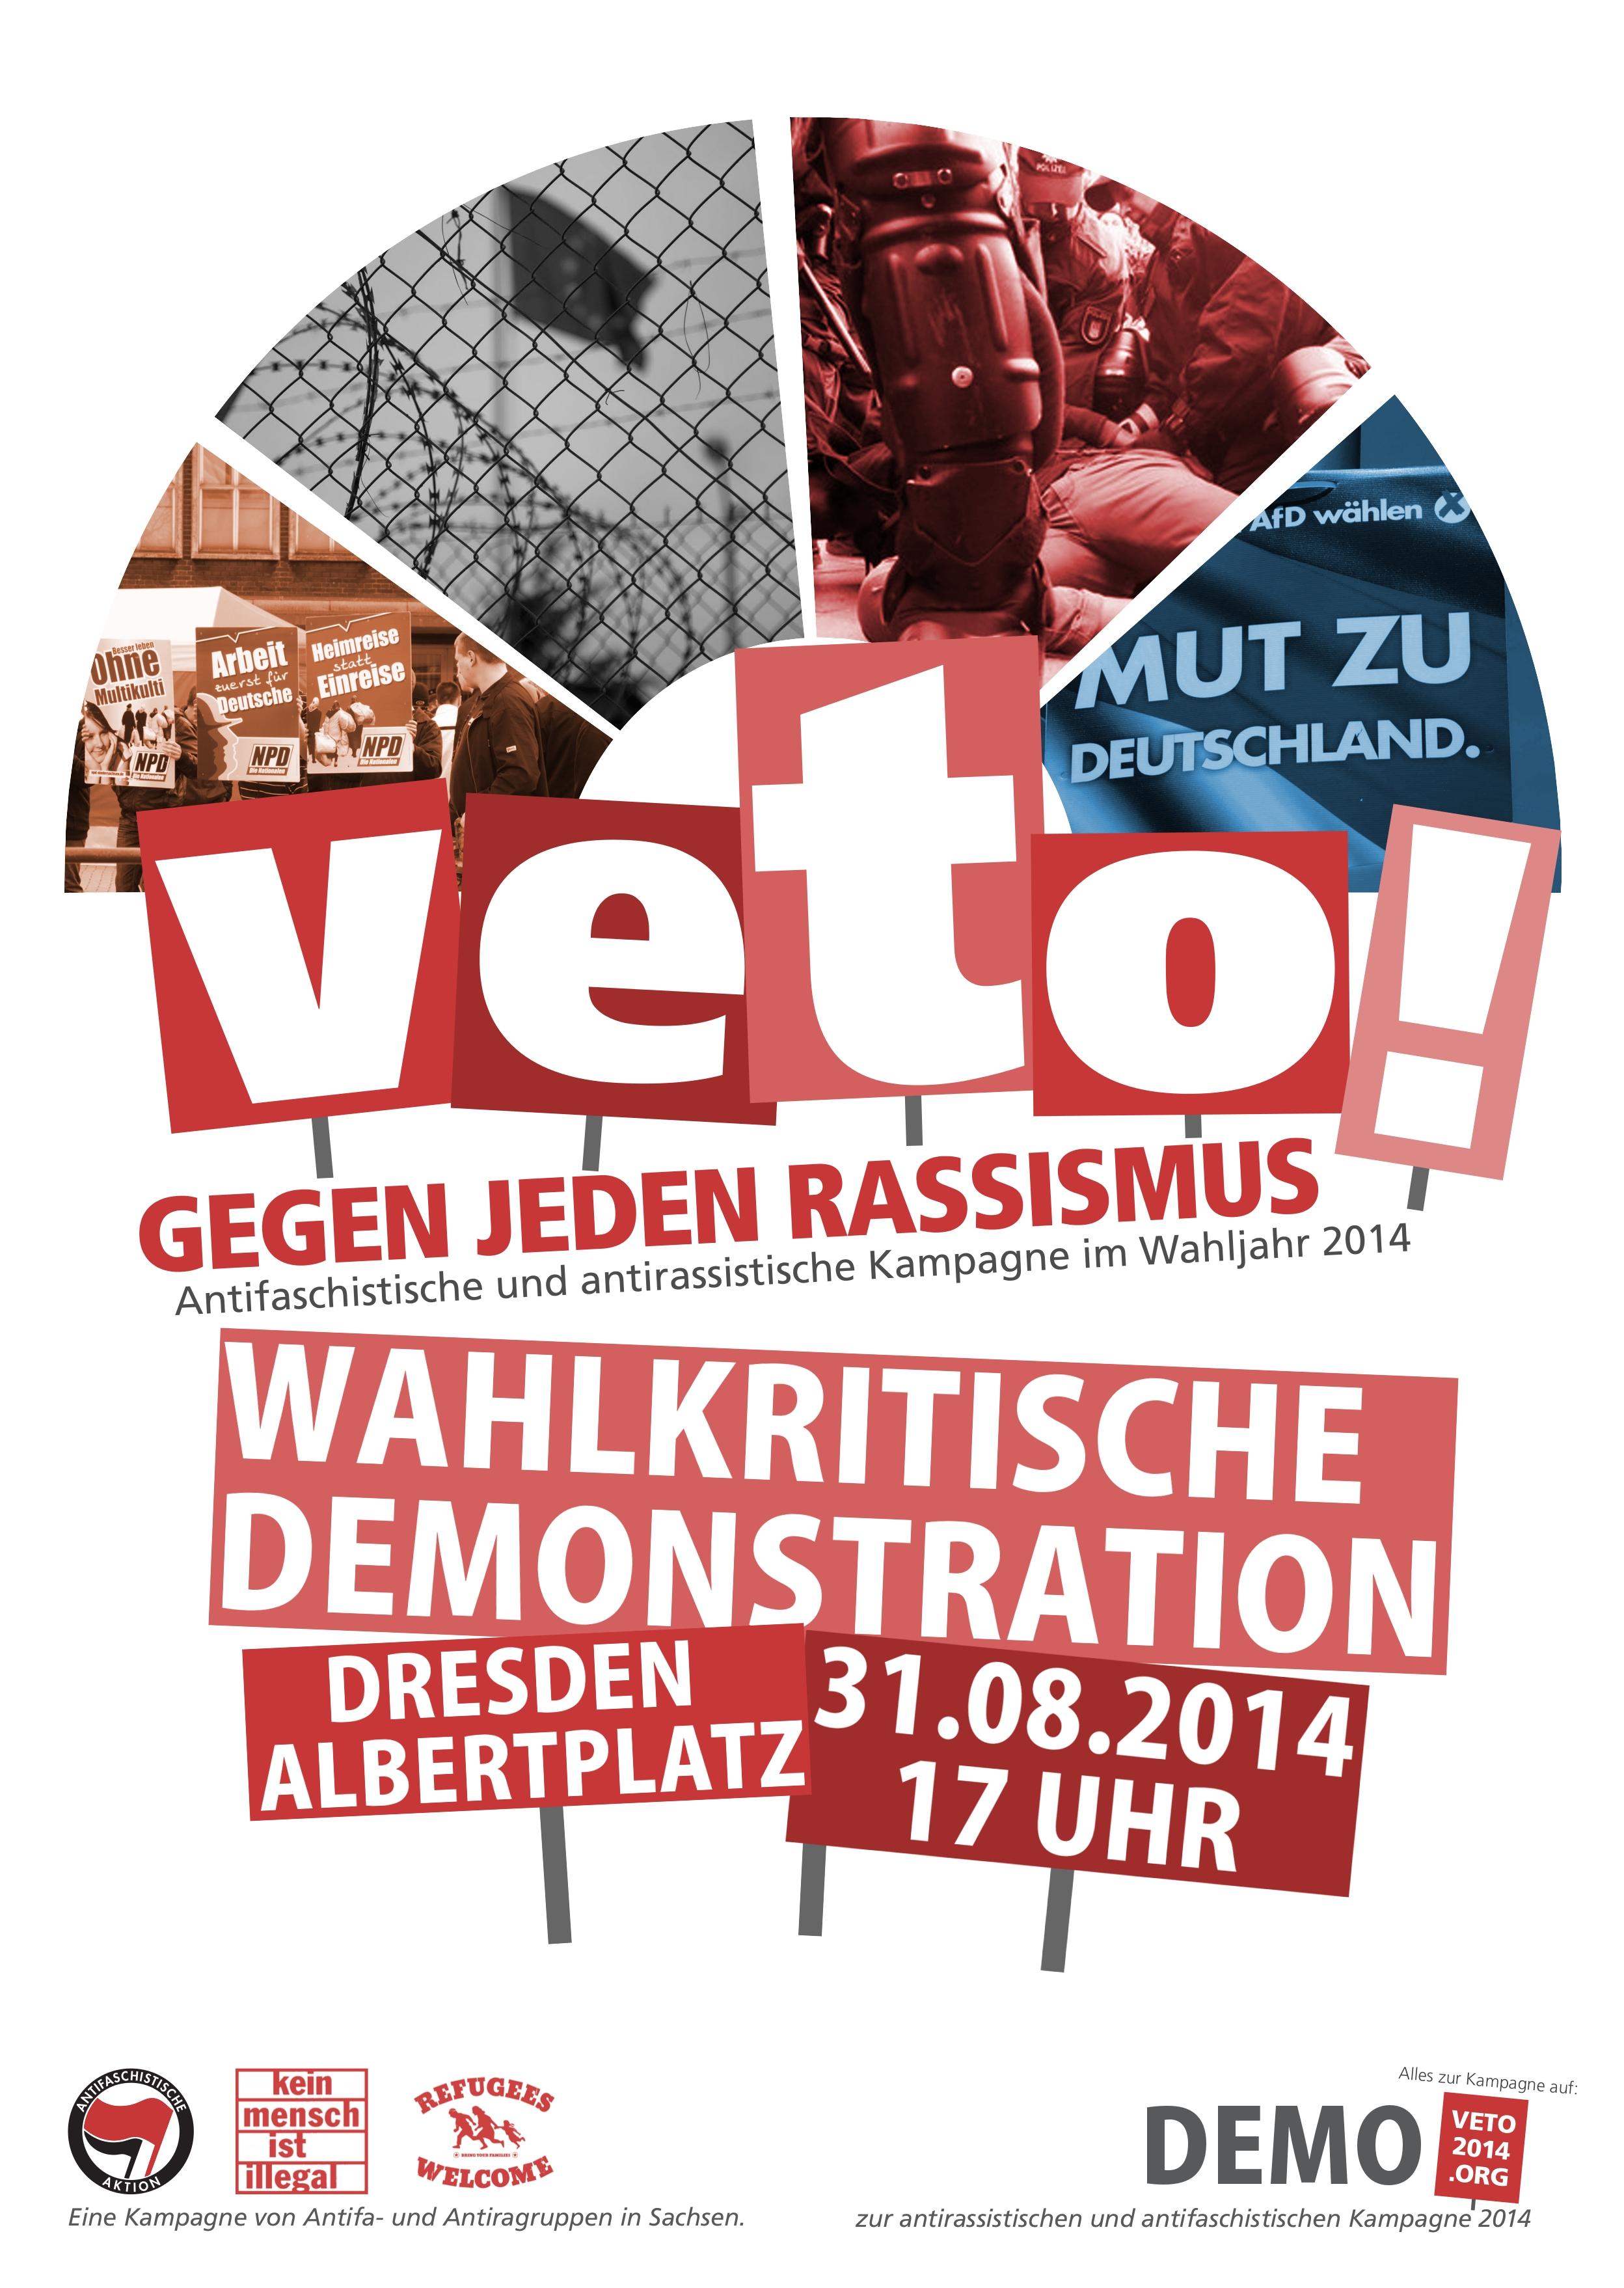 31.08.2014 – Demonstration